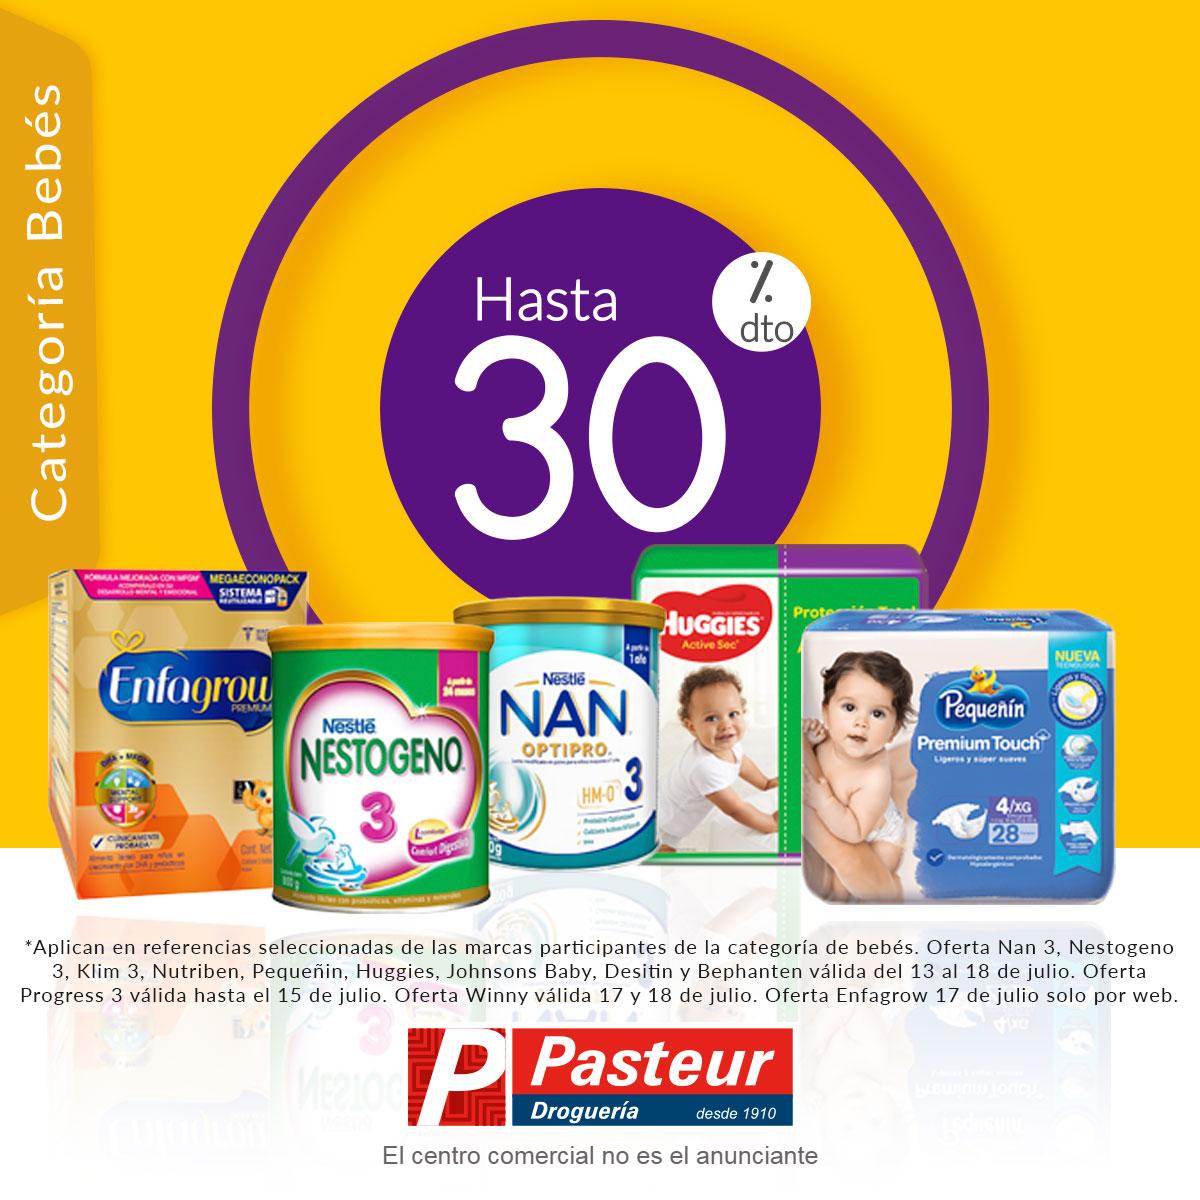 Esta semana en farmacias Pasteur encuentra ofertas imperdibles para el cuidado de tu bebé 👶🤱¡Hasta 30% de descuento! En pañales, fórmulas infantiles etapa 3, pañitos y cremas para bebé.*Válido del 13 al 19 de julio de 2020.